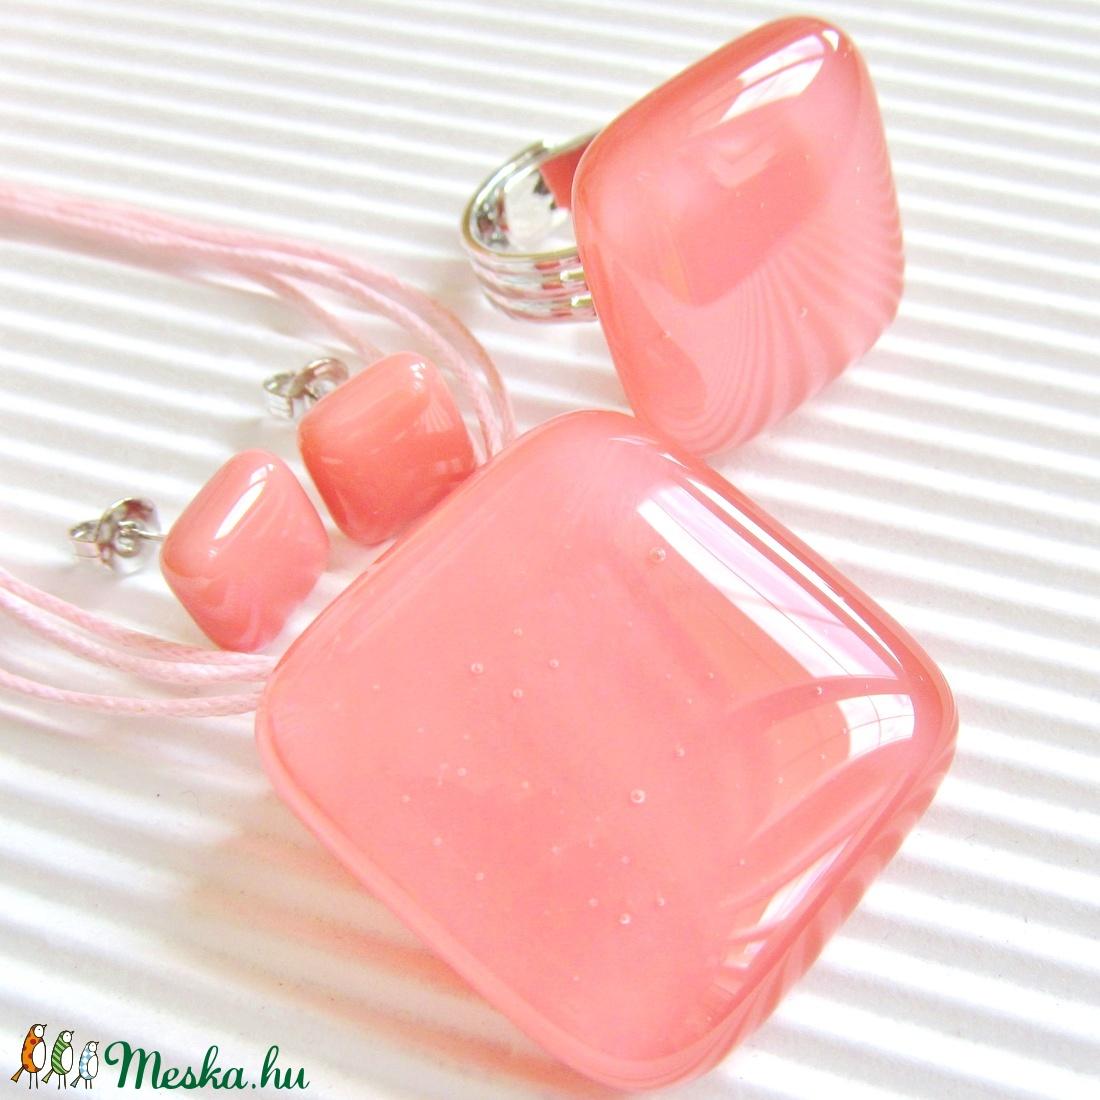 Lazacrózsaszín kocka üveg gyűrű, üvegékszer - ékszer - gyűrű - statement gyűrű - Meska.hu